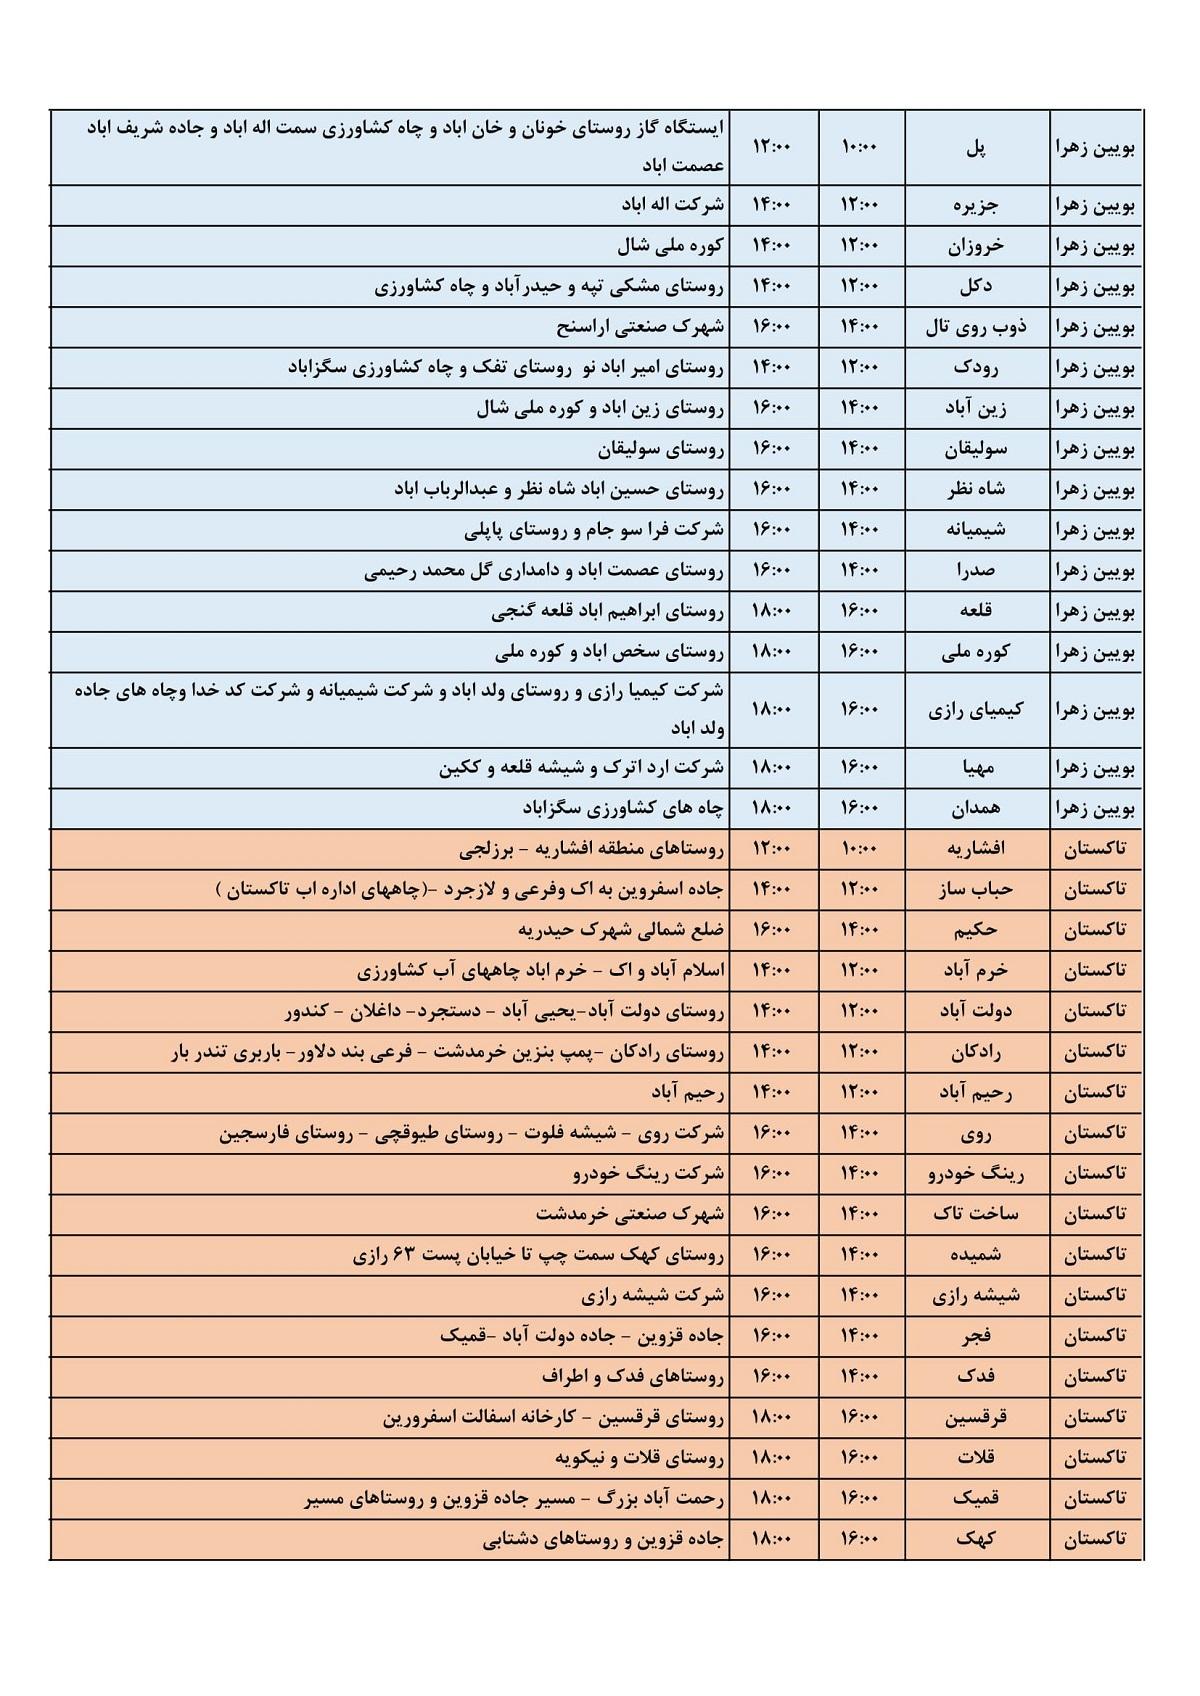 برنامه قطع برق 24 خرداد 1400 قزوین